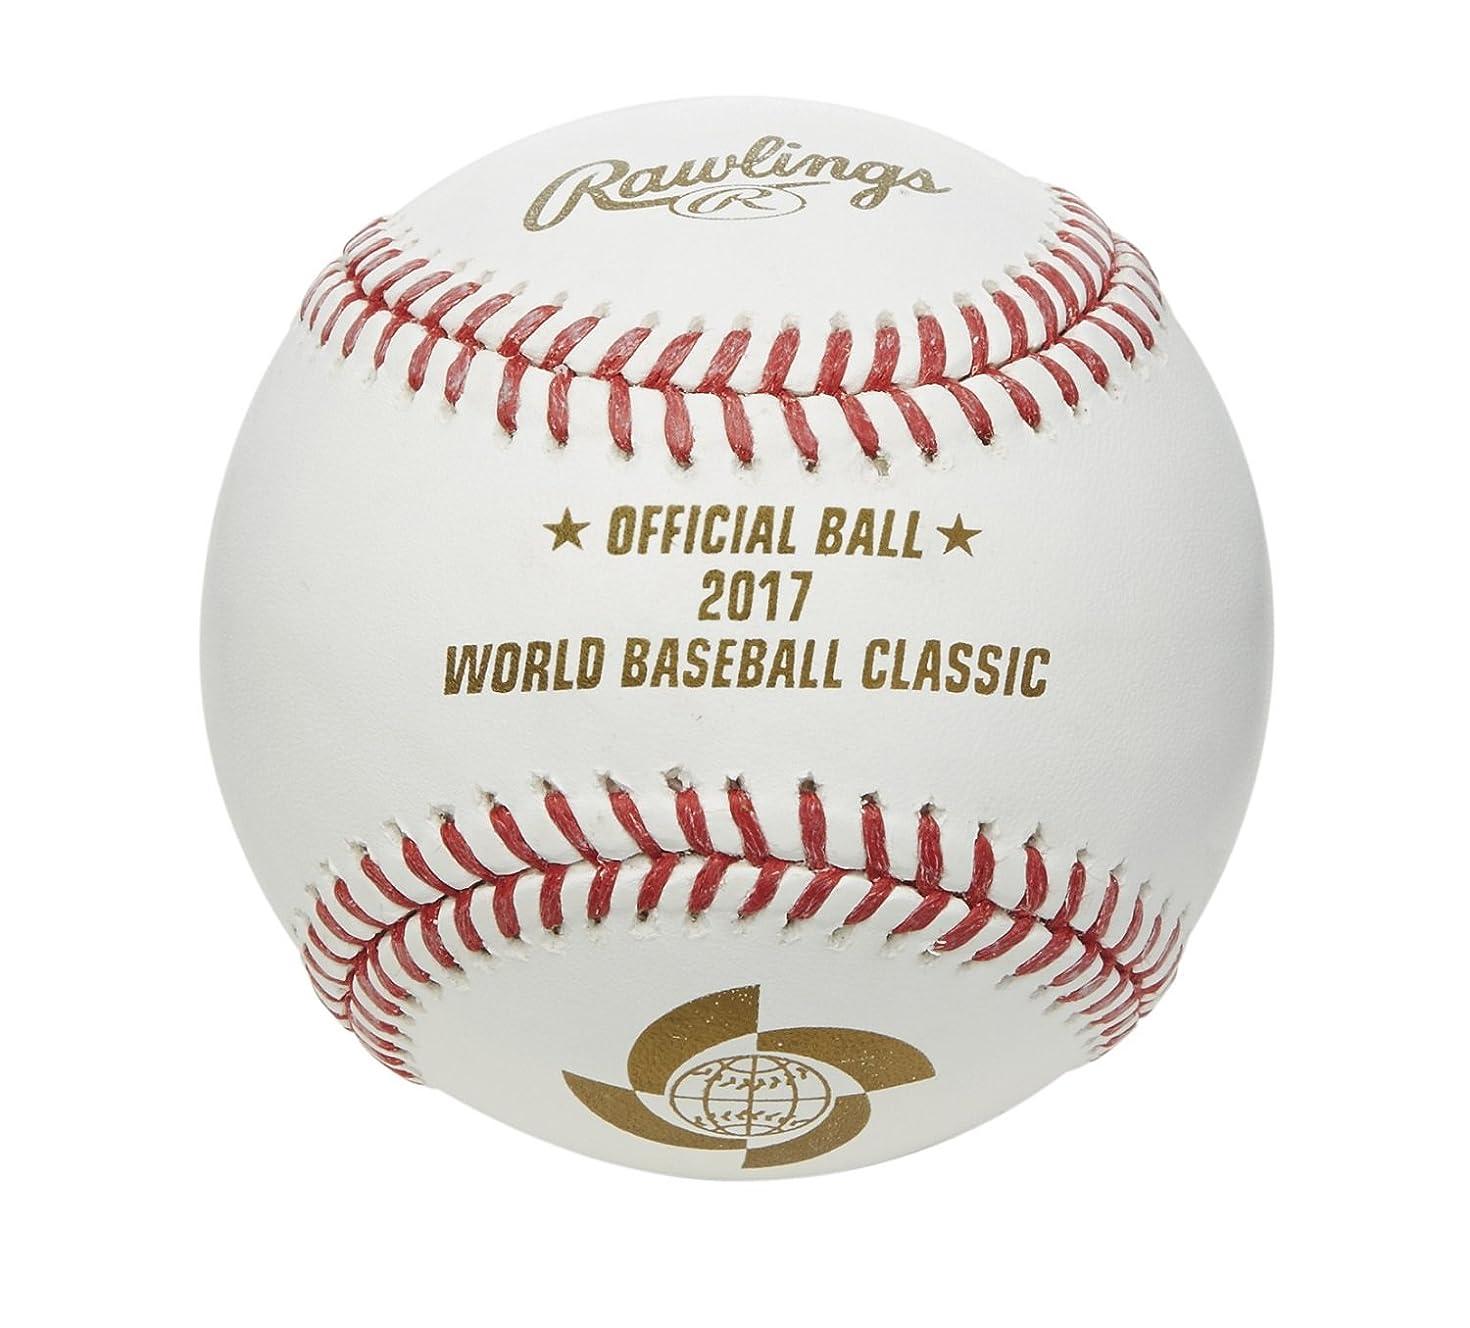 ベジタリアンダーベビルのテス取り替えるナガセケンコー ワールドボールKWBボール 1個 KWB-BALL